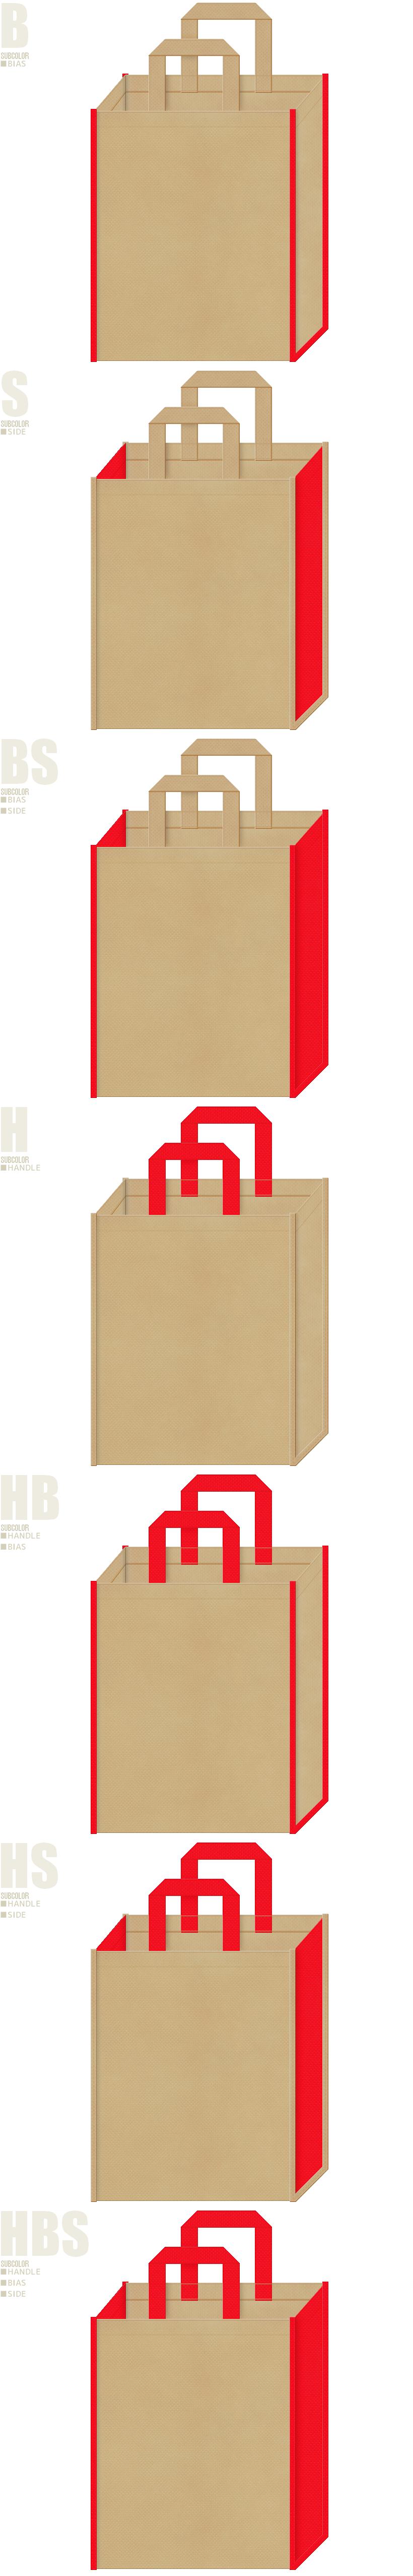 カーキ色と赤色、7パターンの不織布トートバッグ配色デザイン例。